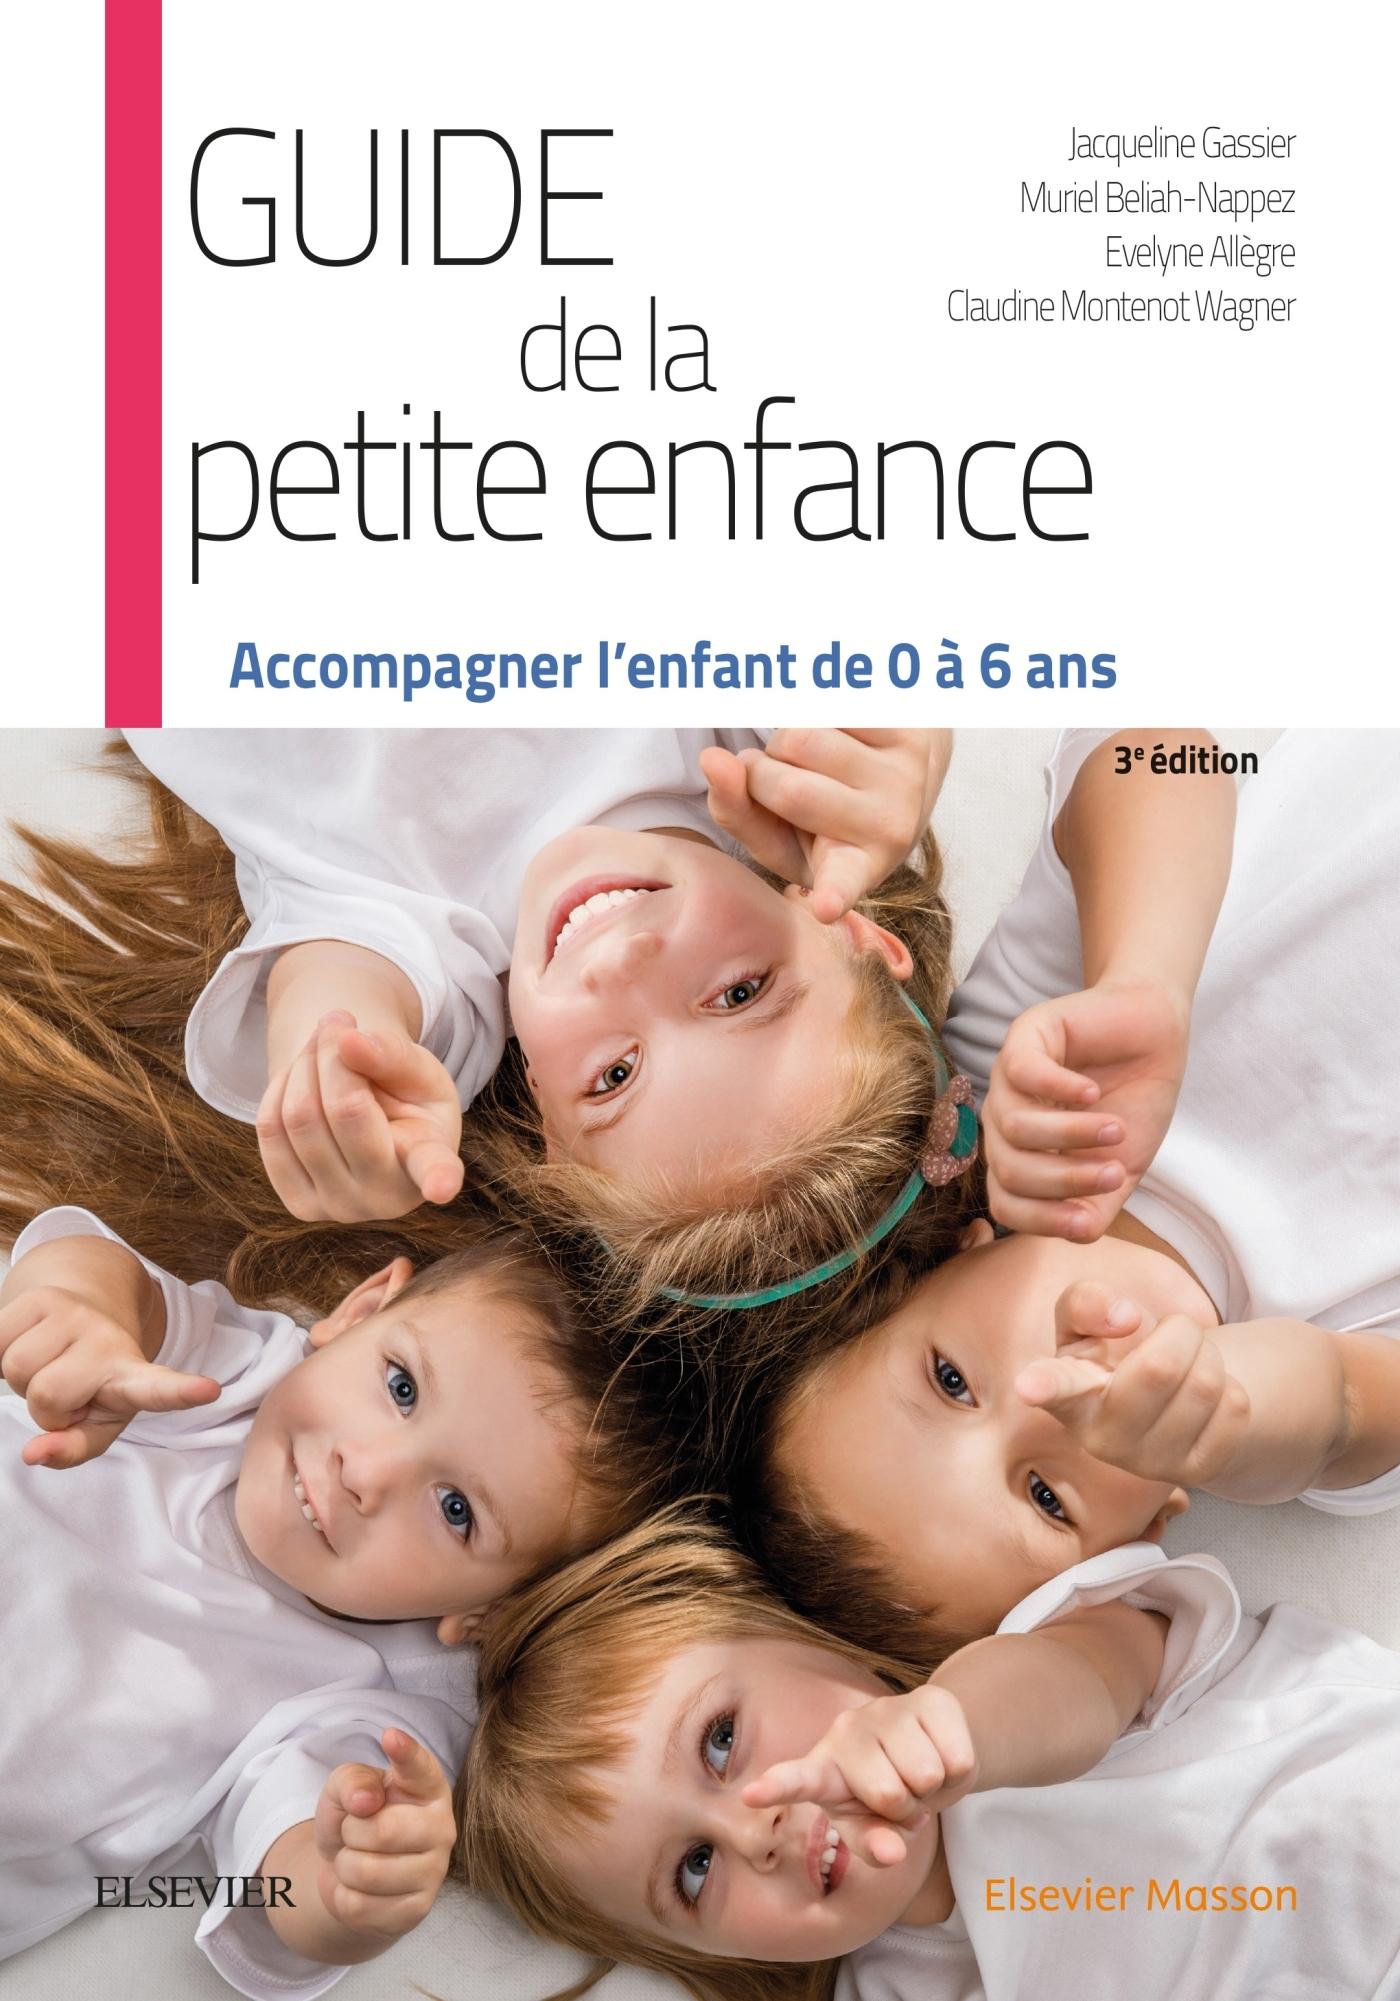 GUIDE DE LA PETITE ENFANCE - ACCOMPAGNER L'ENFANT DE 0 A 6 ANS